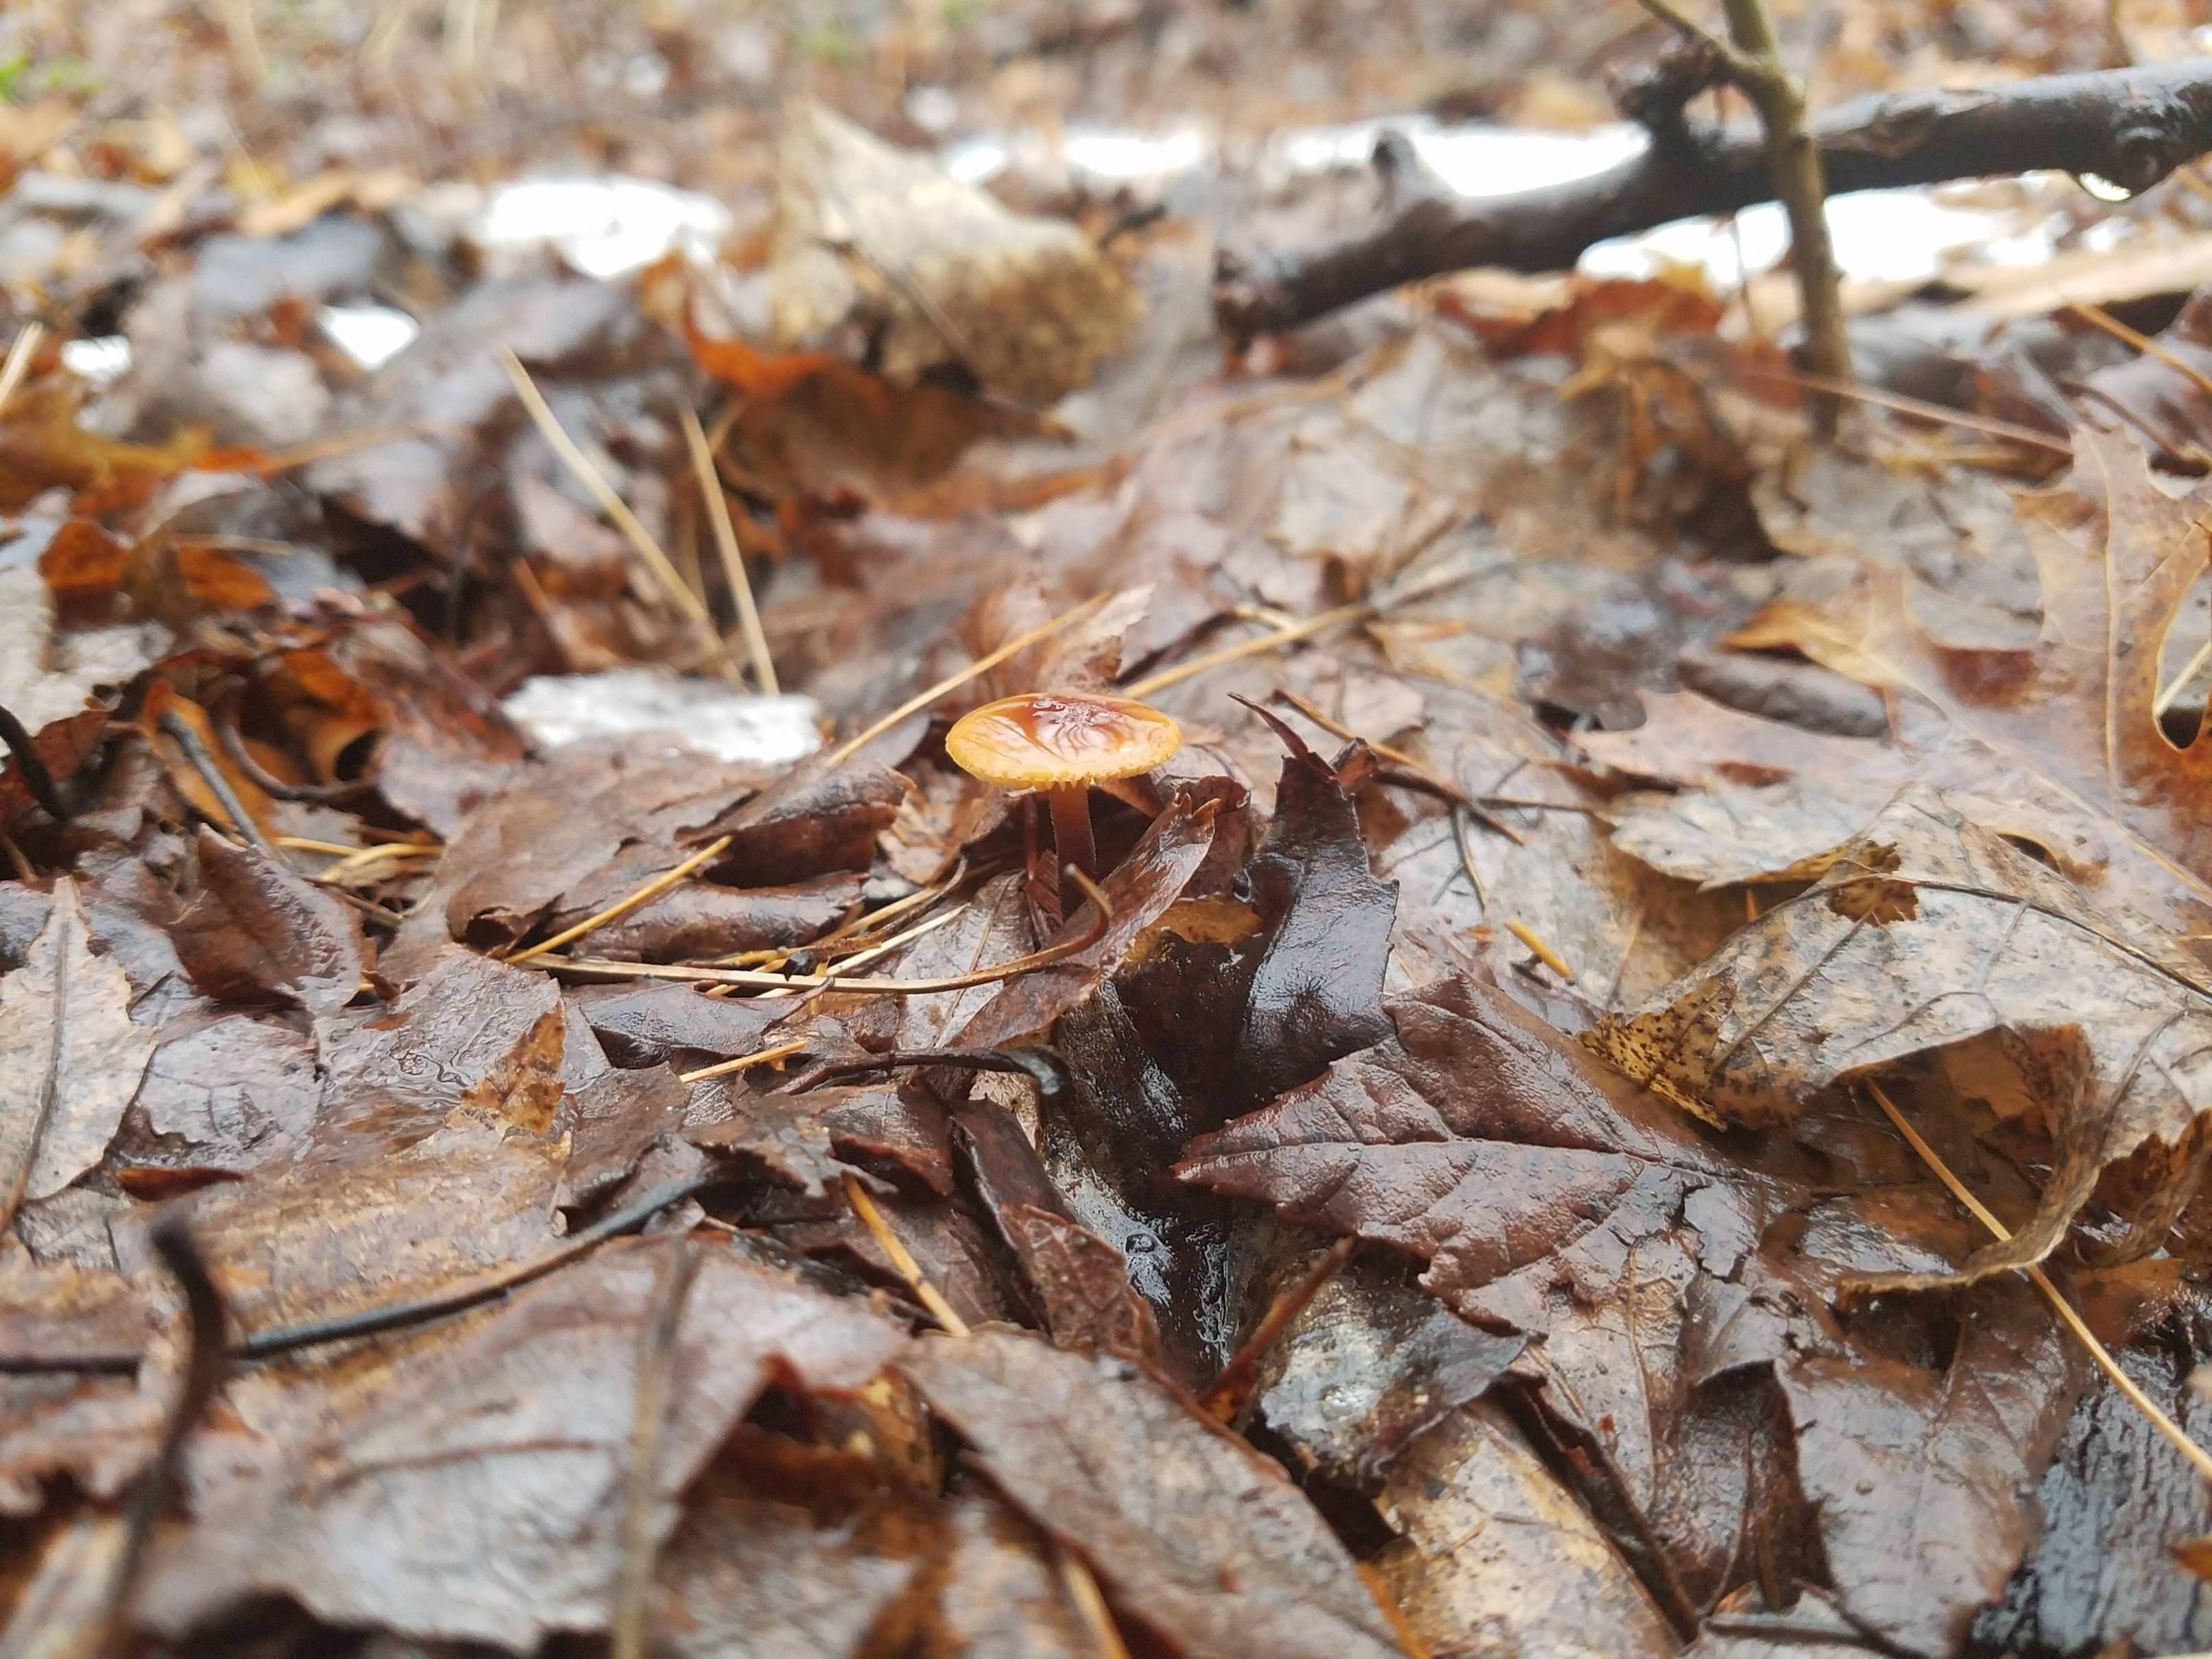 Postcold snap mushroom hudson valley ny today mycology fungi